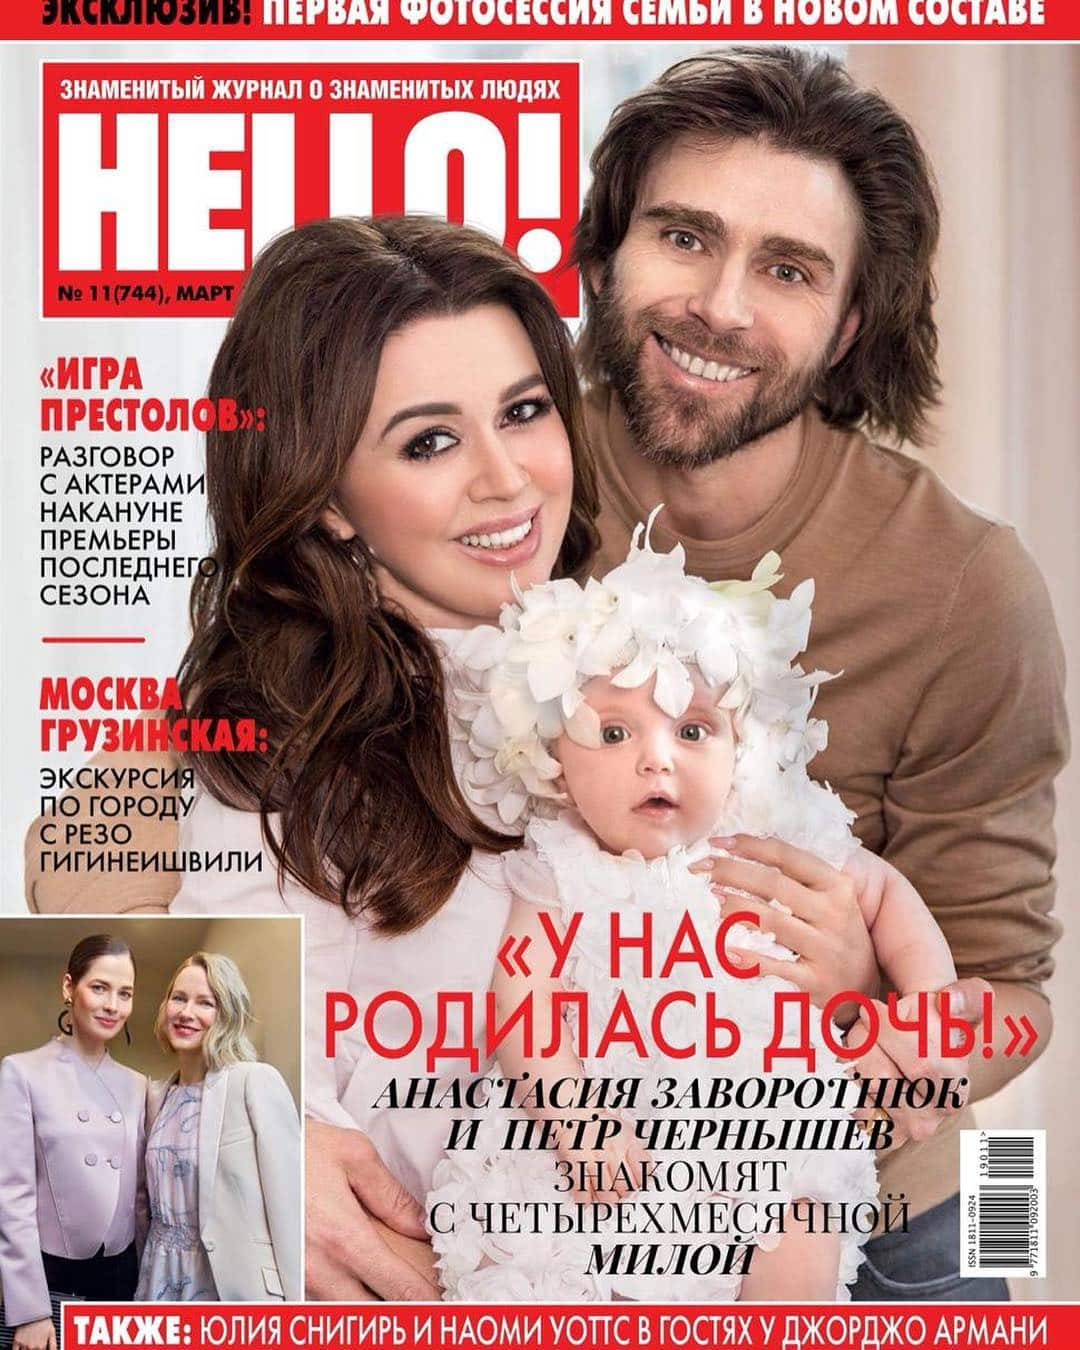 Рожала Анастасия Заворотнюк или нет: Милу родила суррогатная мать, правда или нет